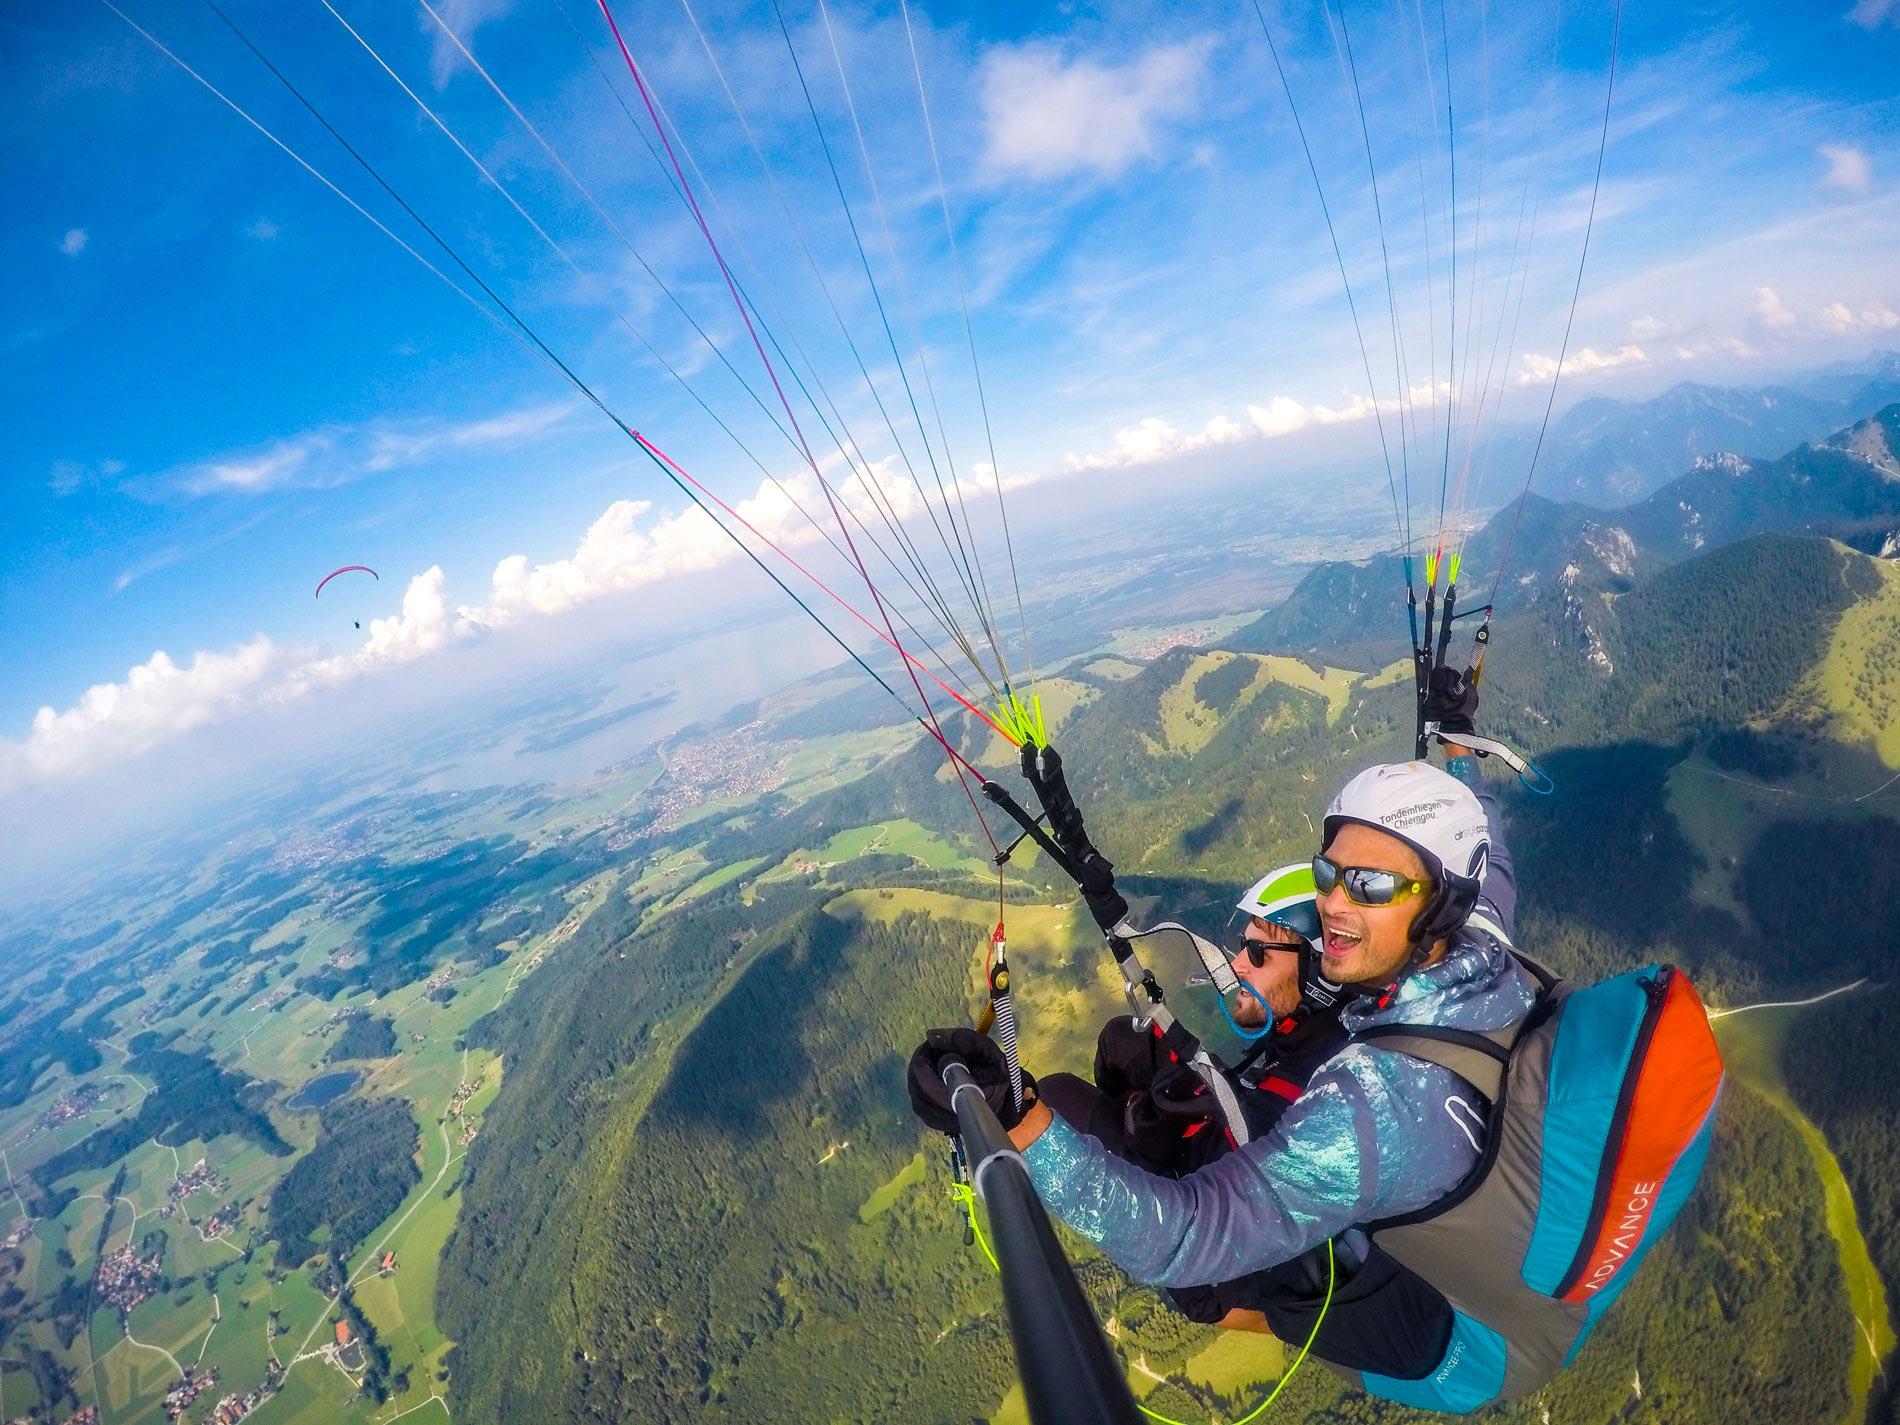 Paragliding-Spezial-360Grad-Tandemflug-Gutschein-Tandemfliegen-Chiemgau-Erlebnis